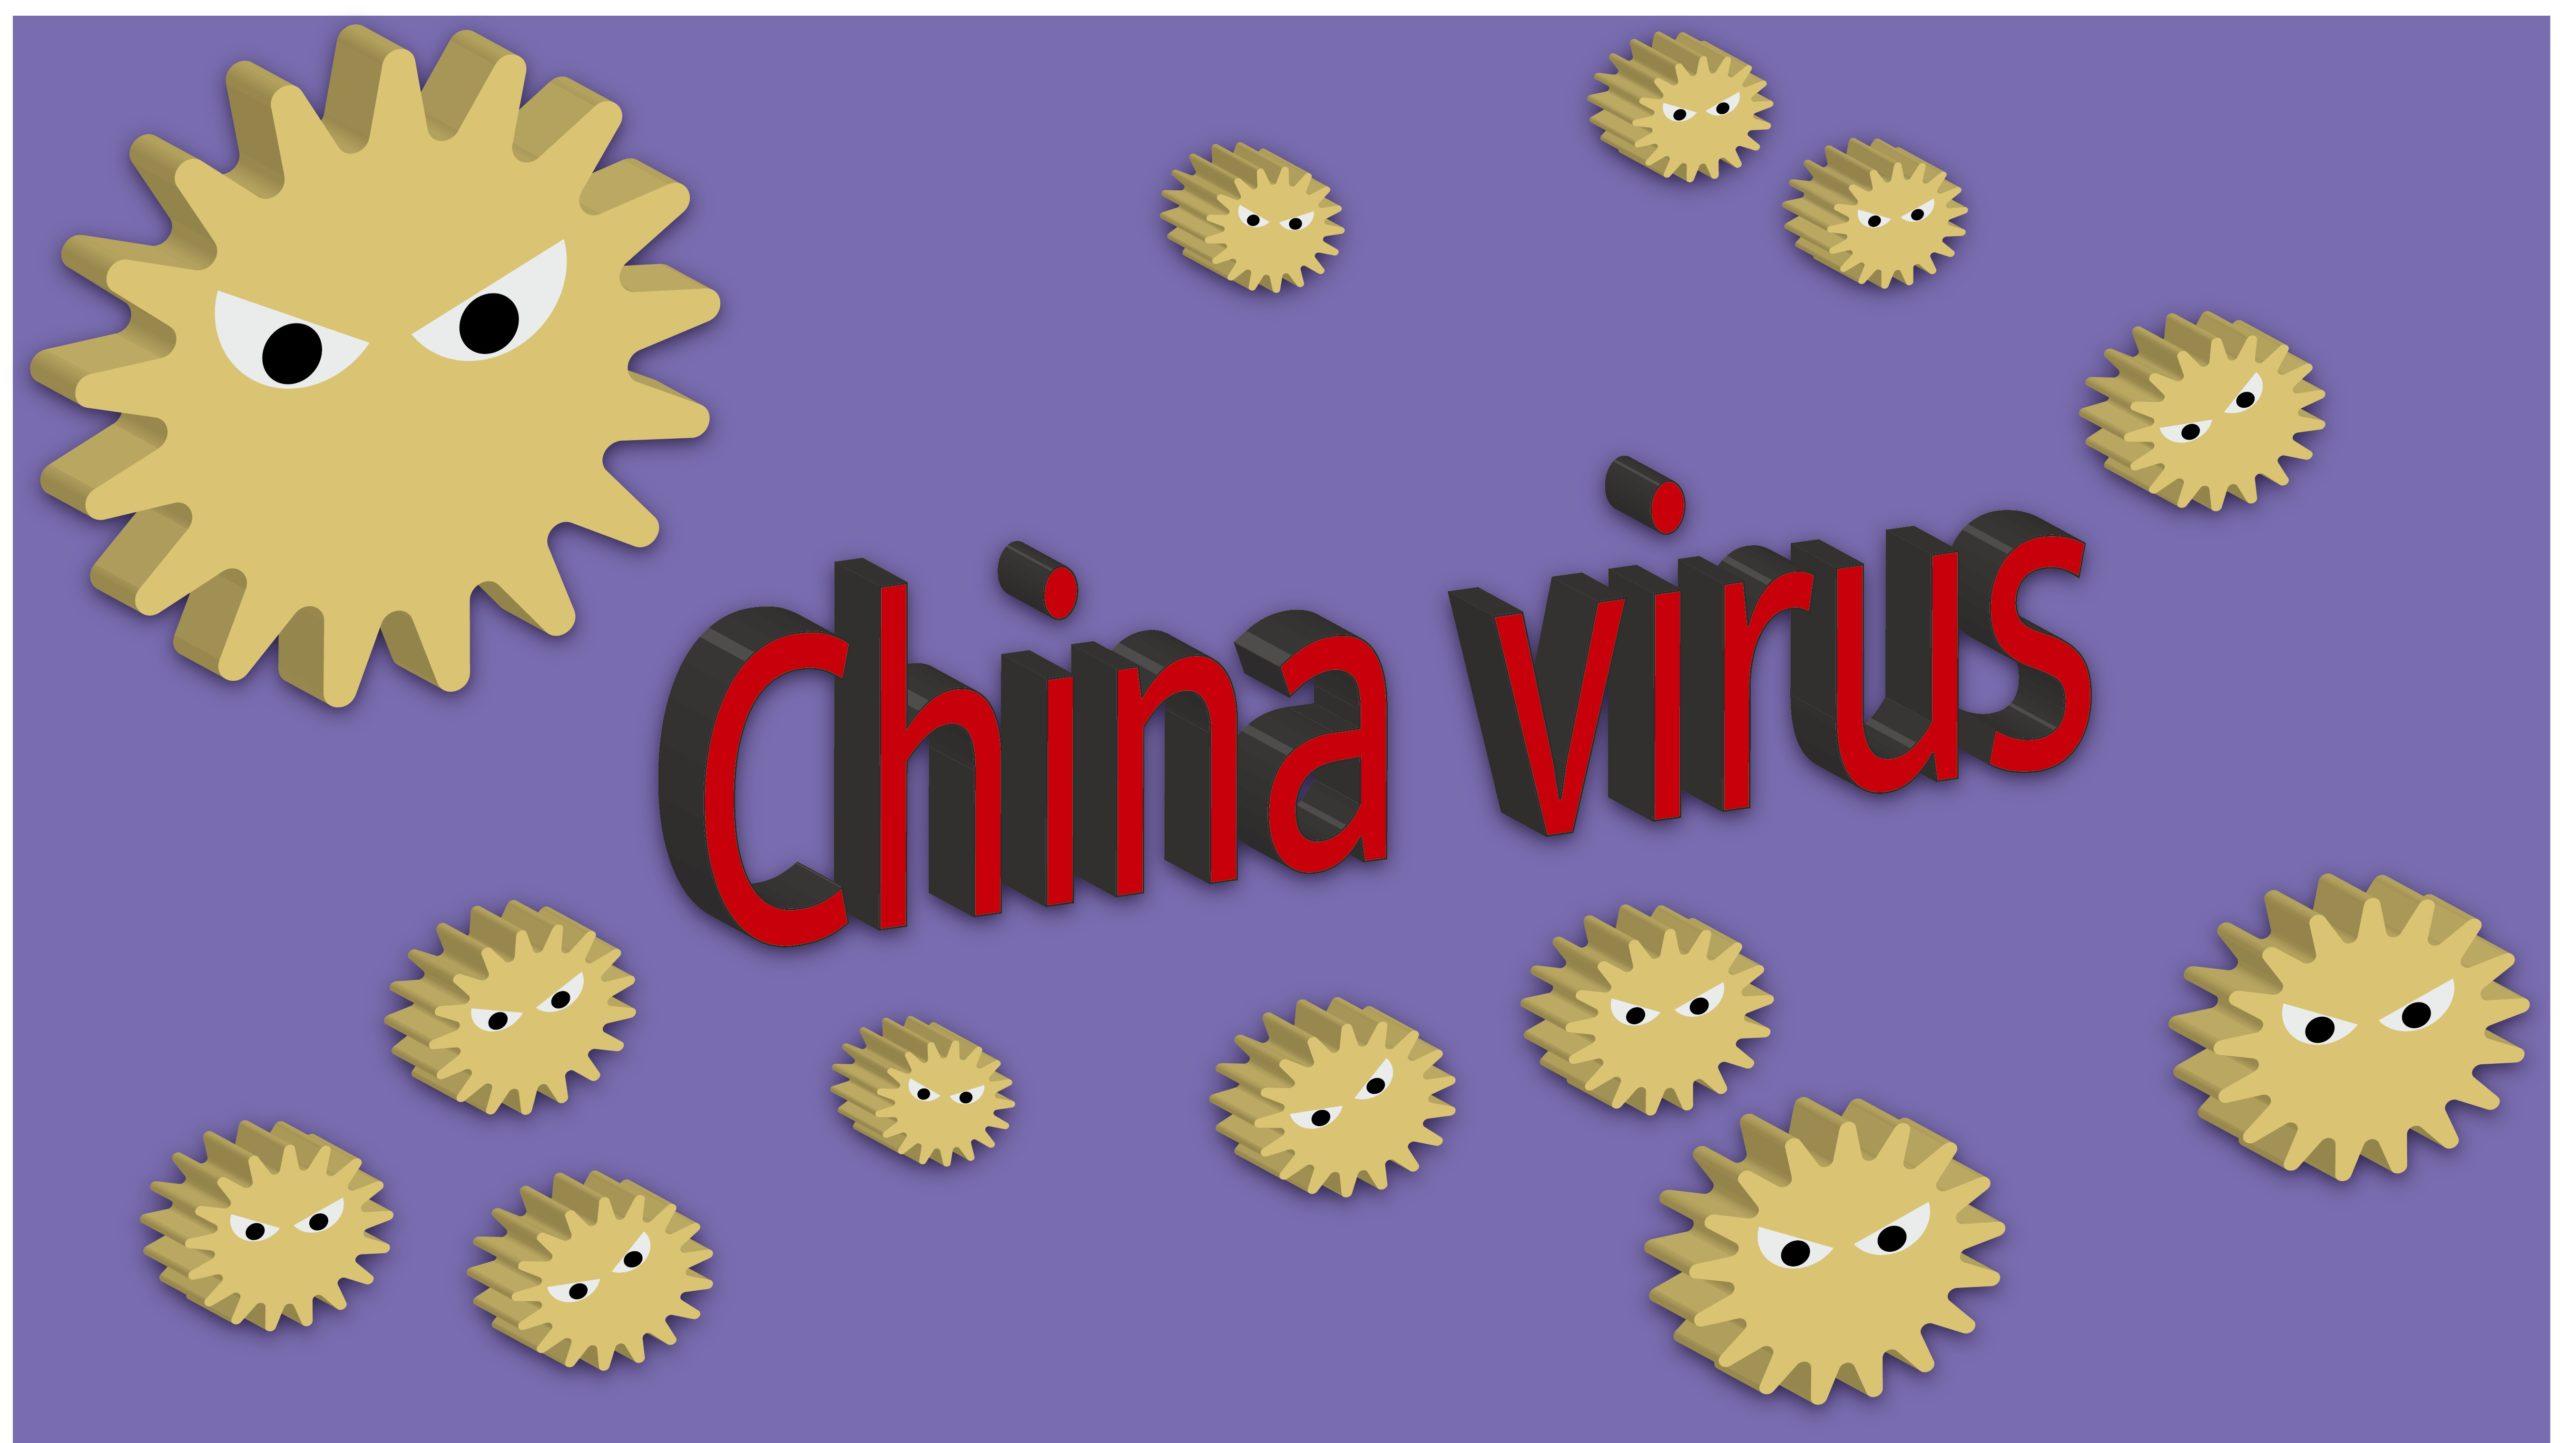 china-virus3(1280-720)